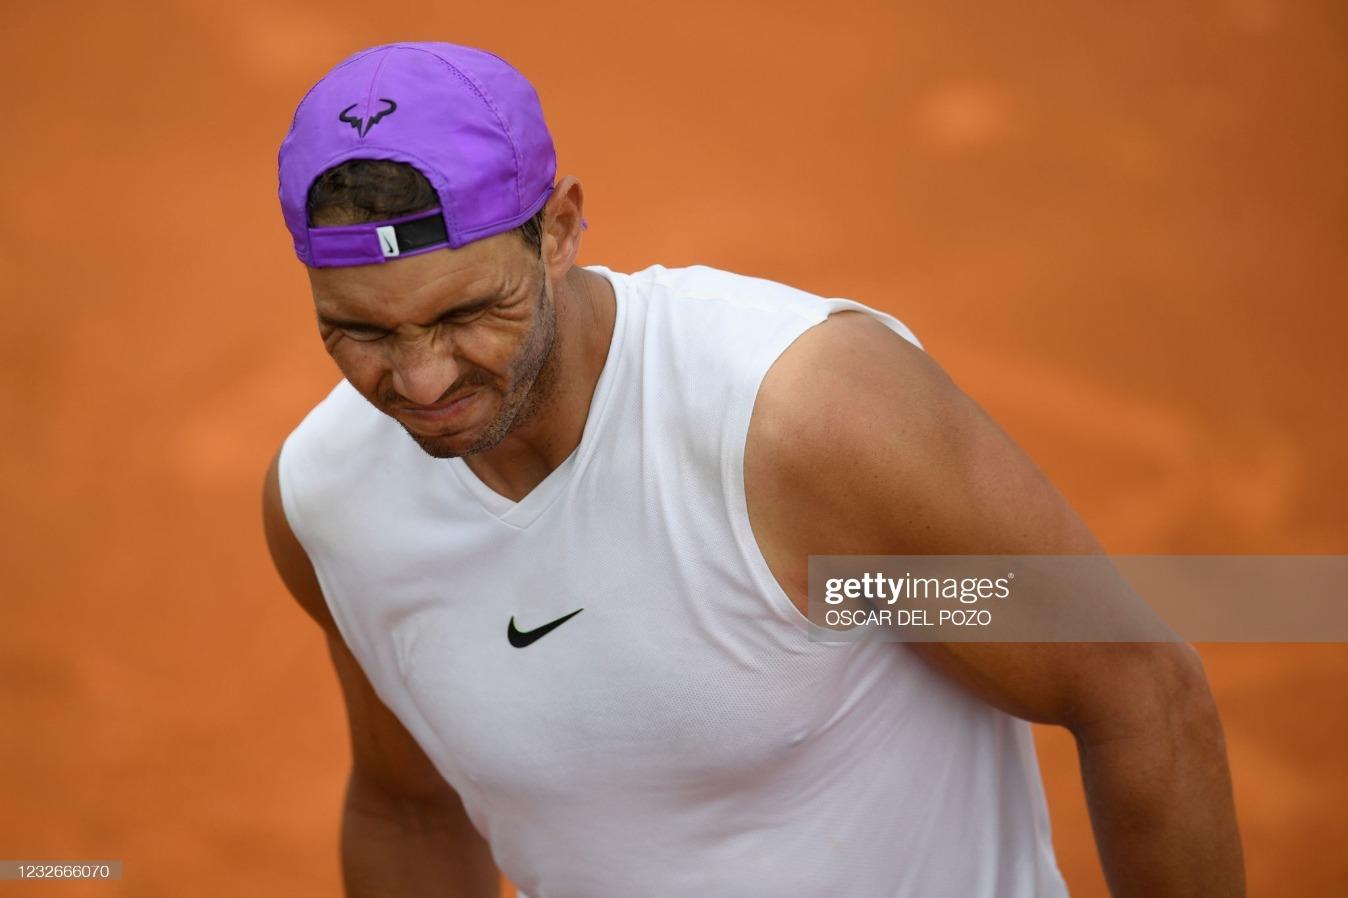 TENNIS-ATP-ESP : News Photo